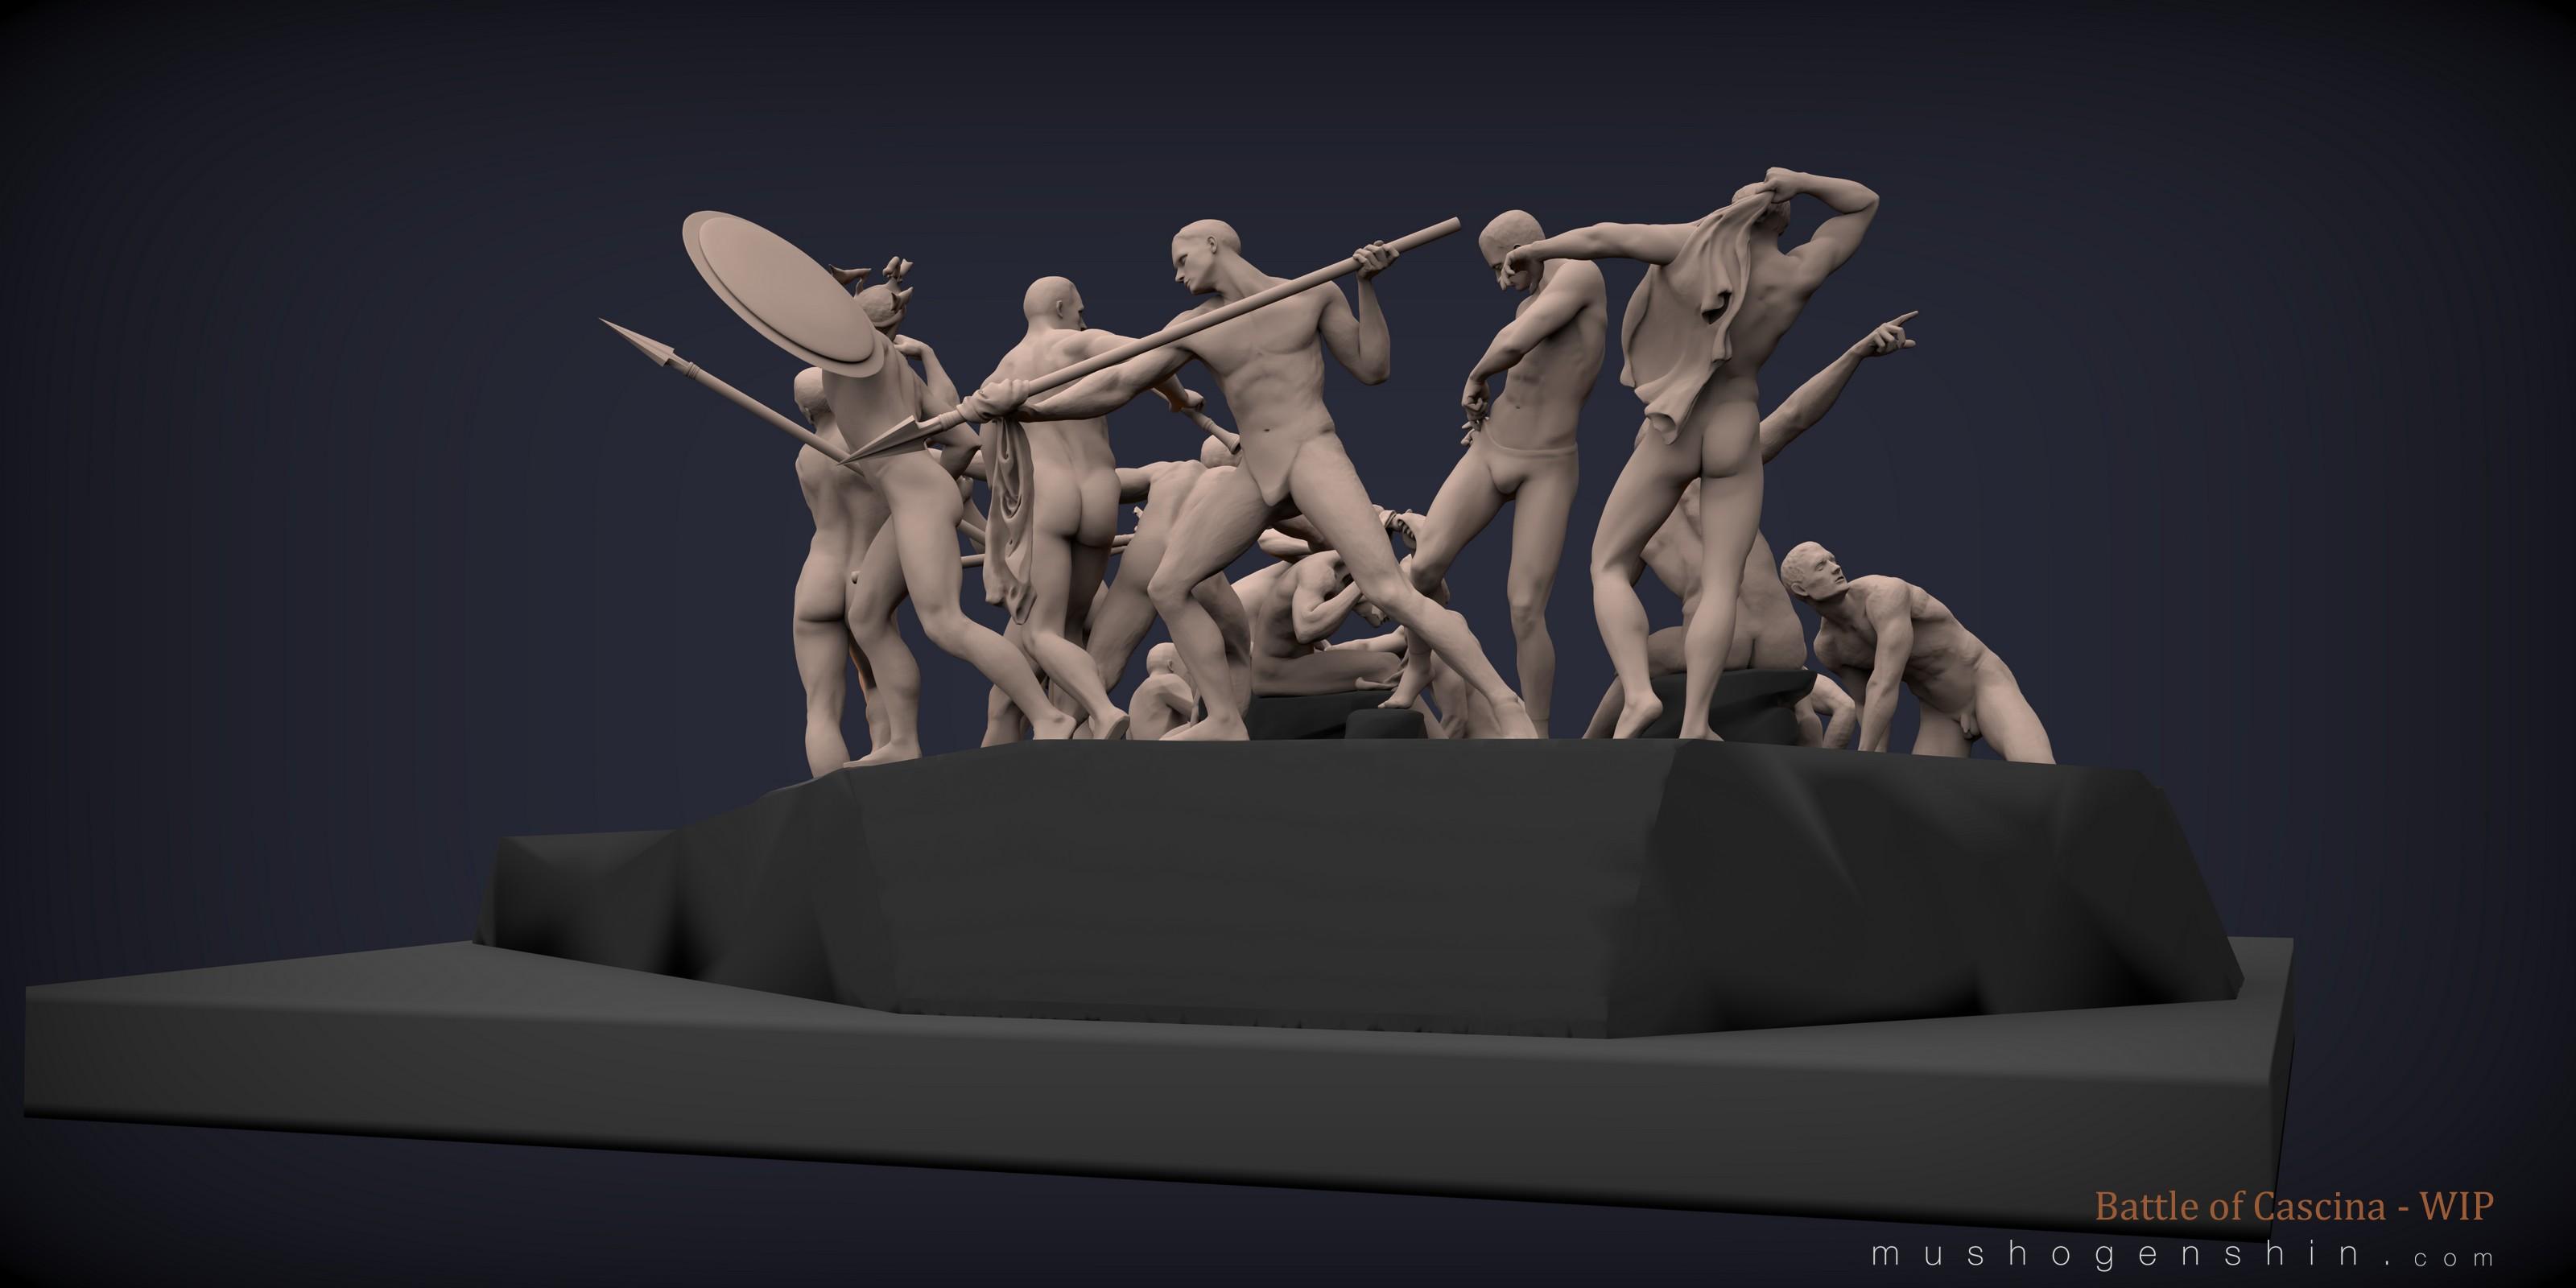 Battle of Cascina - WIP: 16 of 18 figures blocked-in